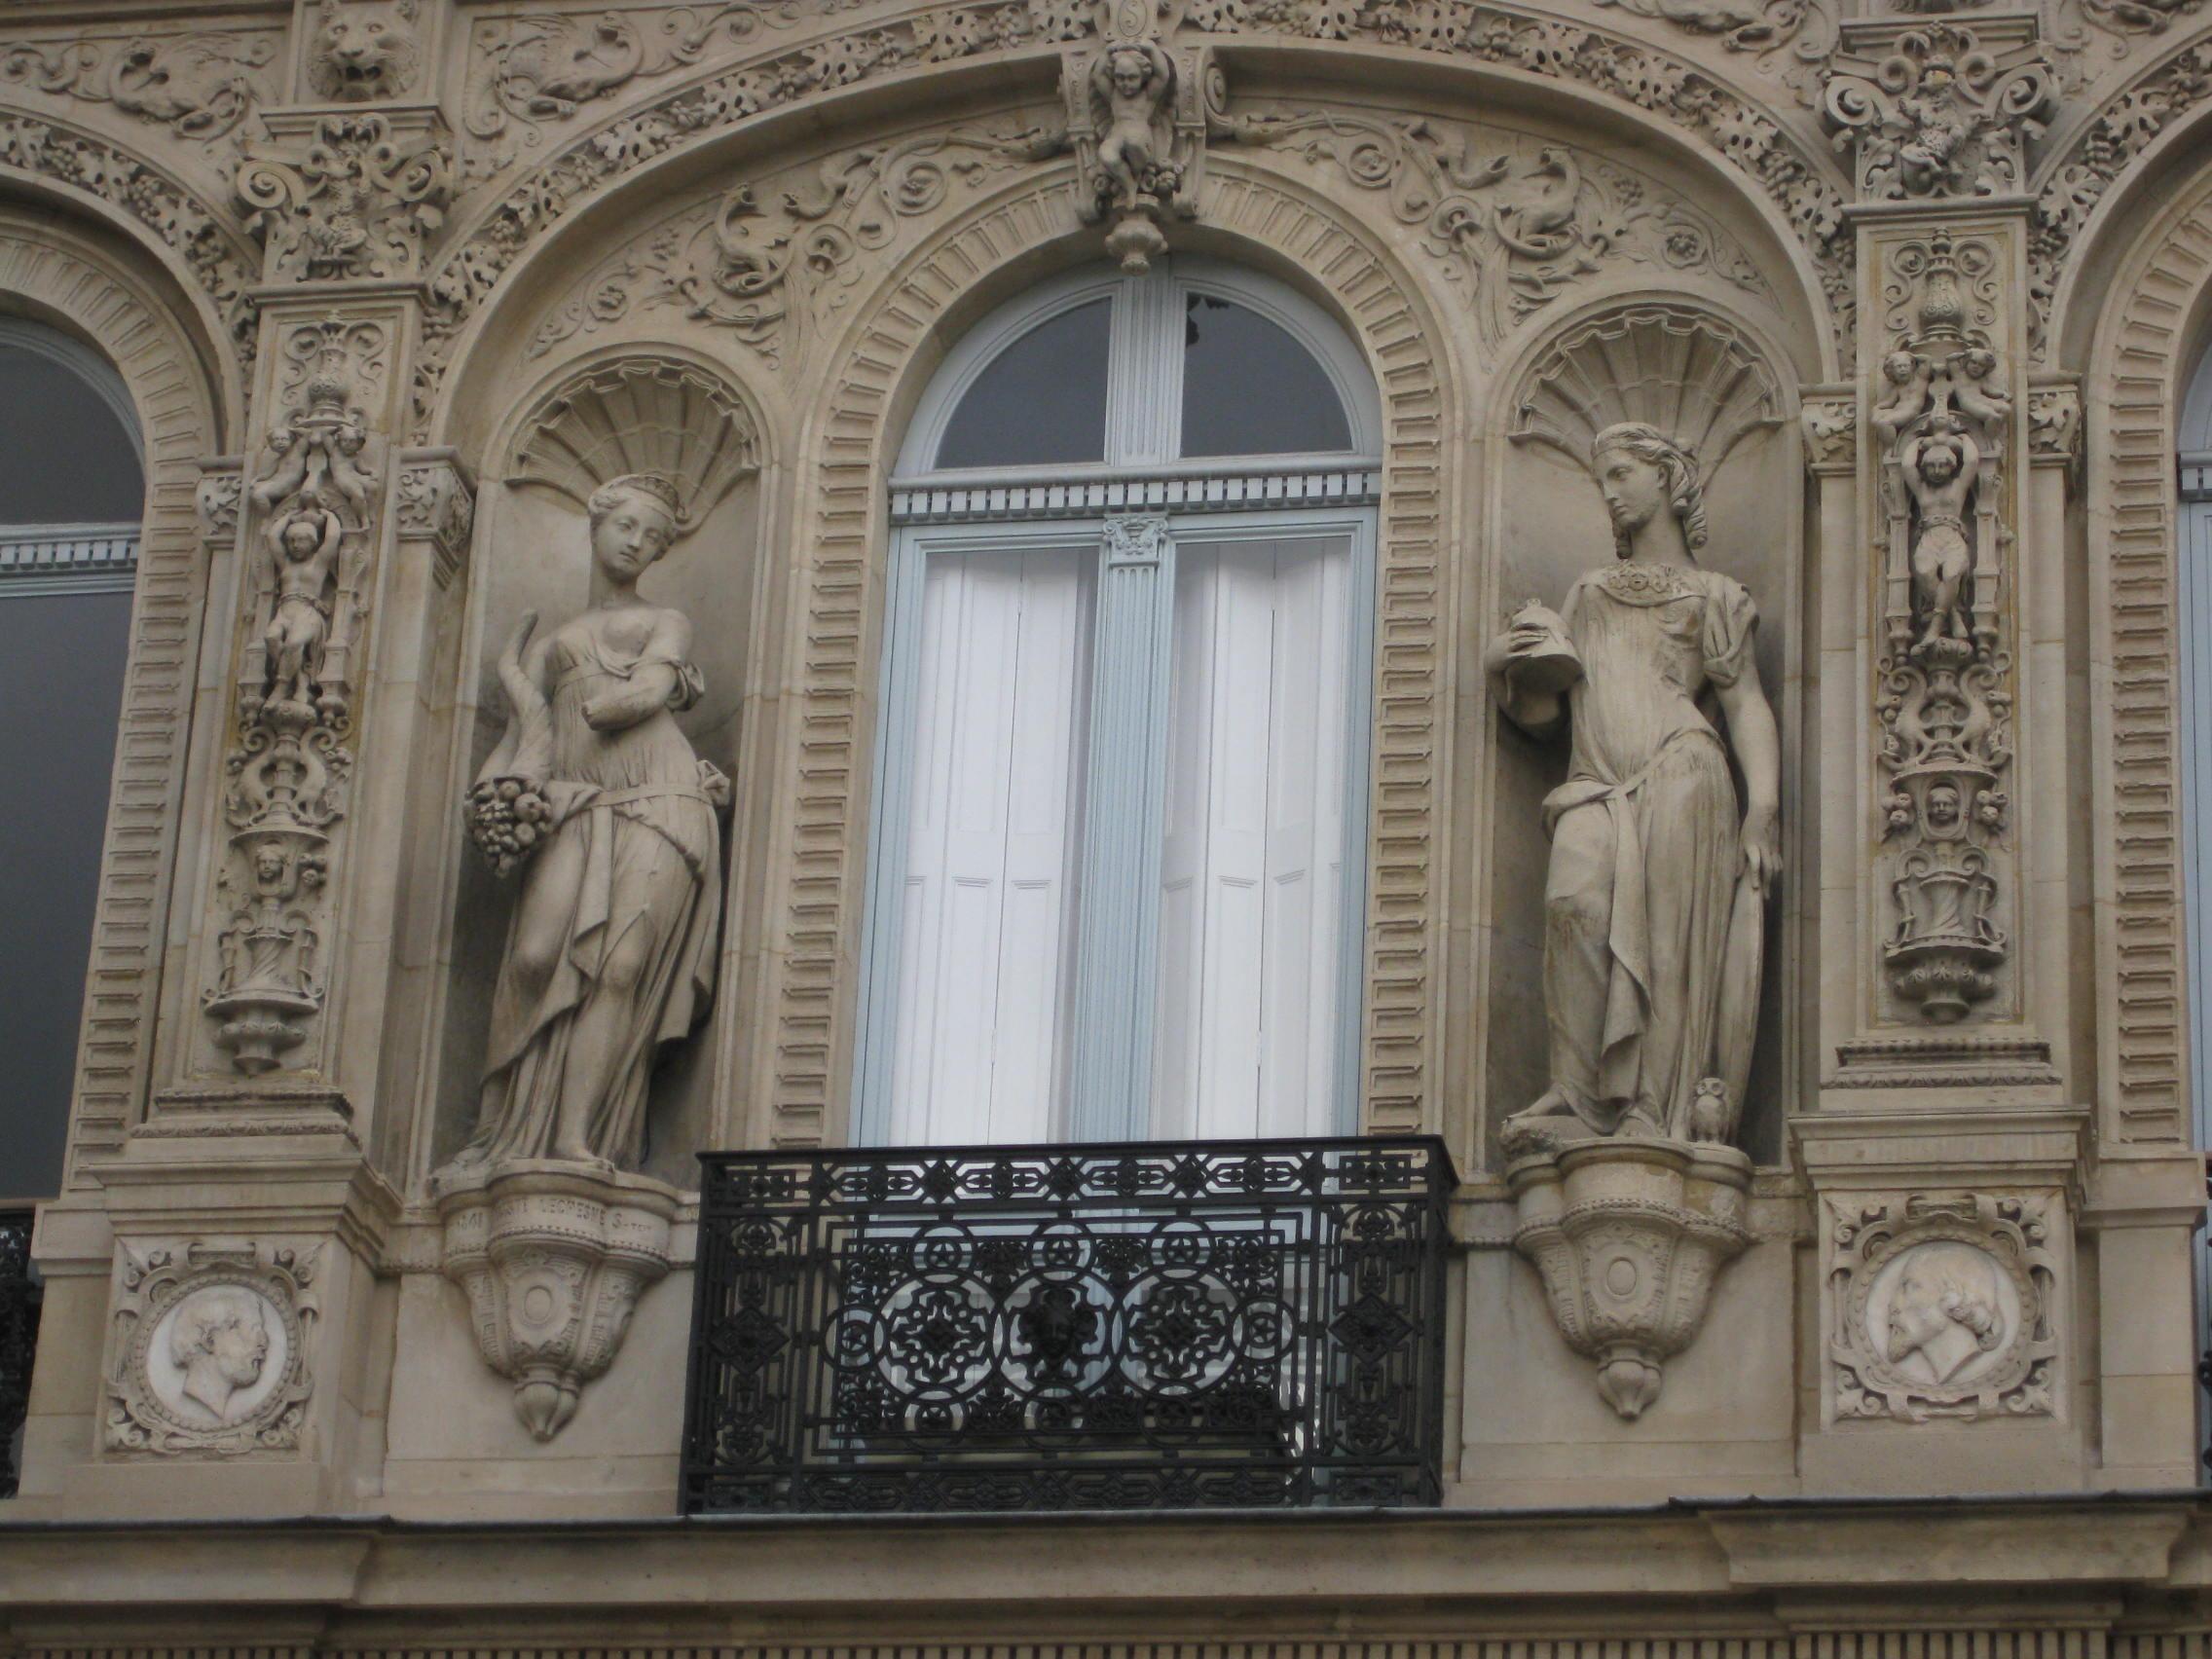 Hier Führte Thérèse Das Leben Einer Anspruchsvollen Kurtisane (u201eune  Courtisane De Haute Voléeu201c), Deren Salon Einer Der Gesuchtesten Von Paris  War.